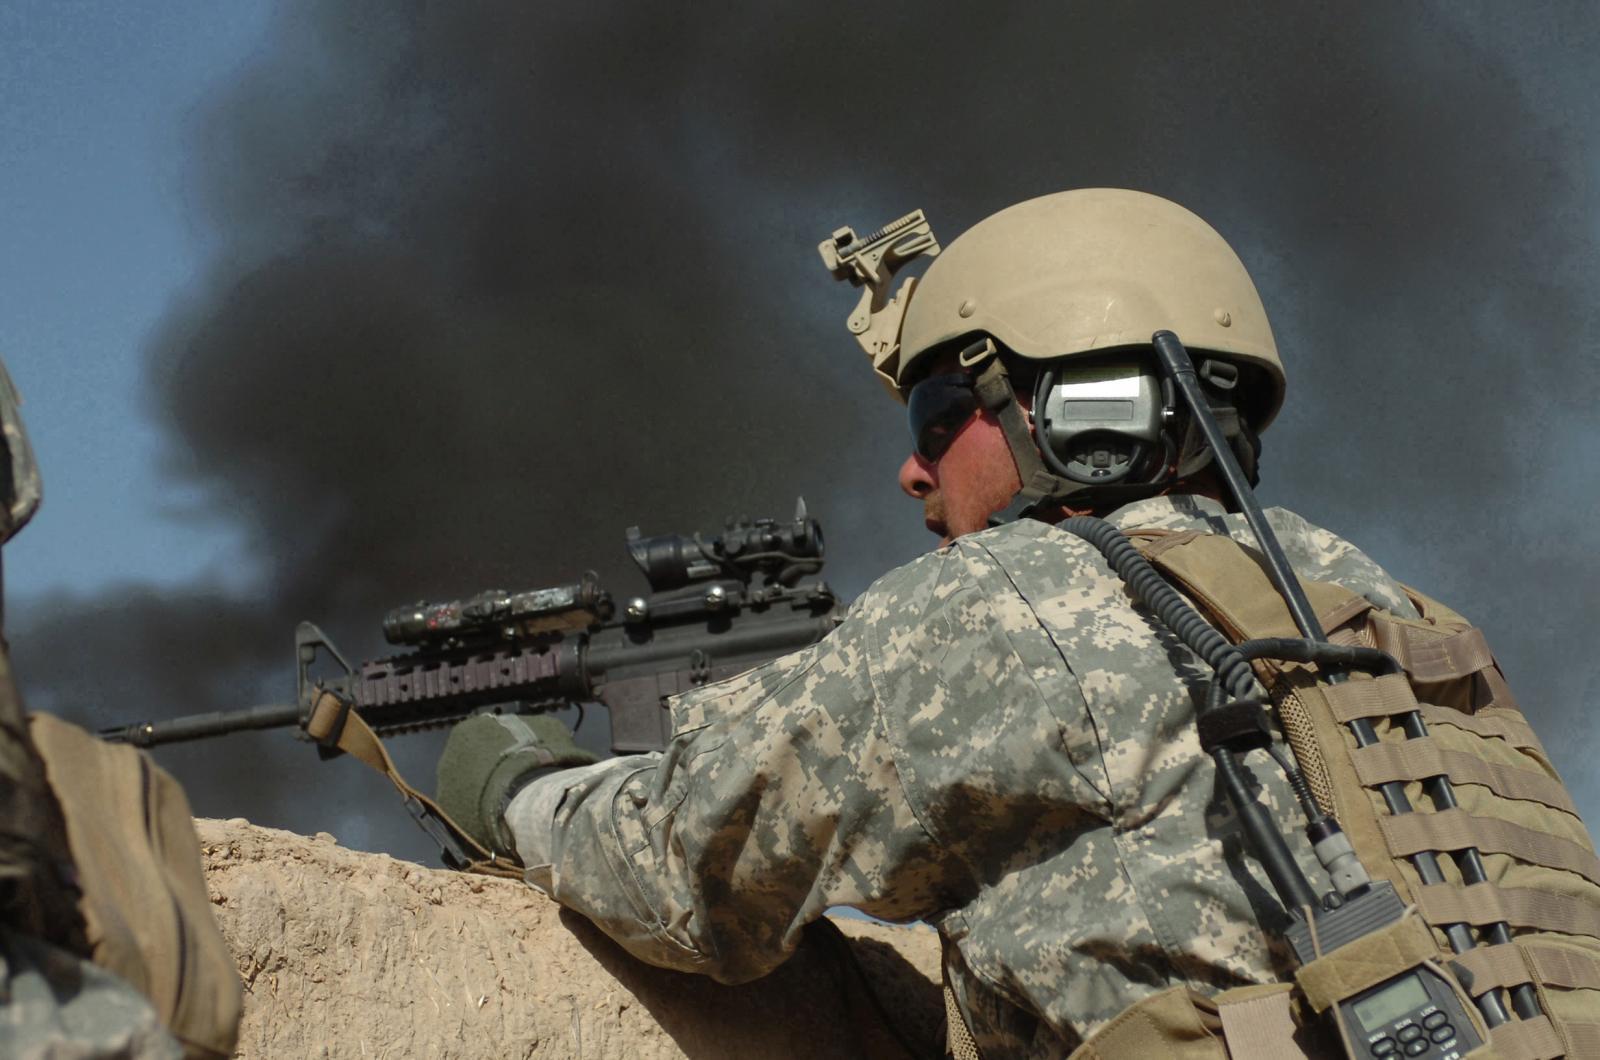 green-beret-afghanistan-hr.jpg